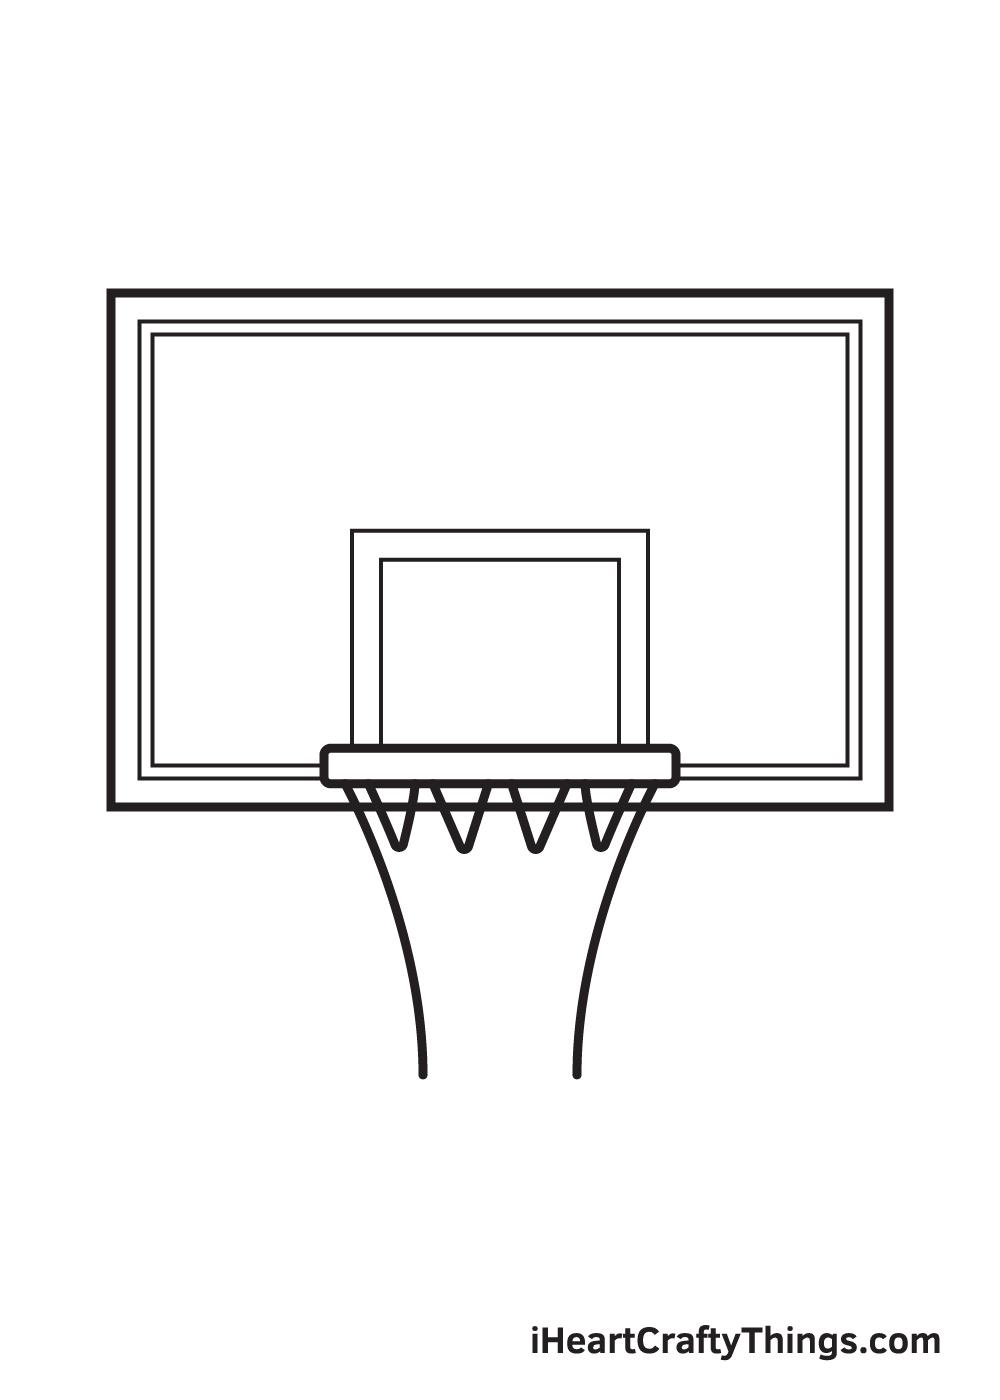 basketball hoop drawing step 7